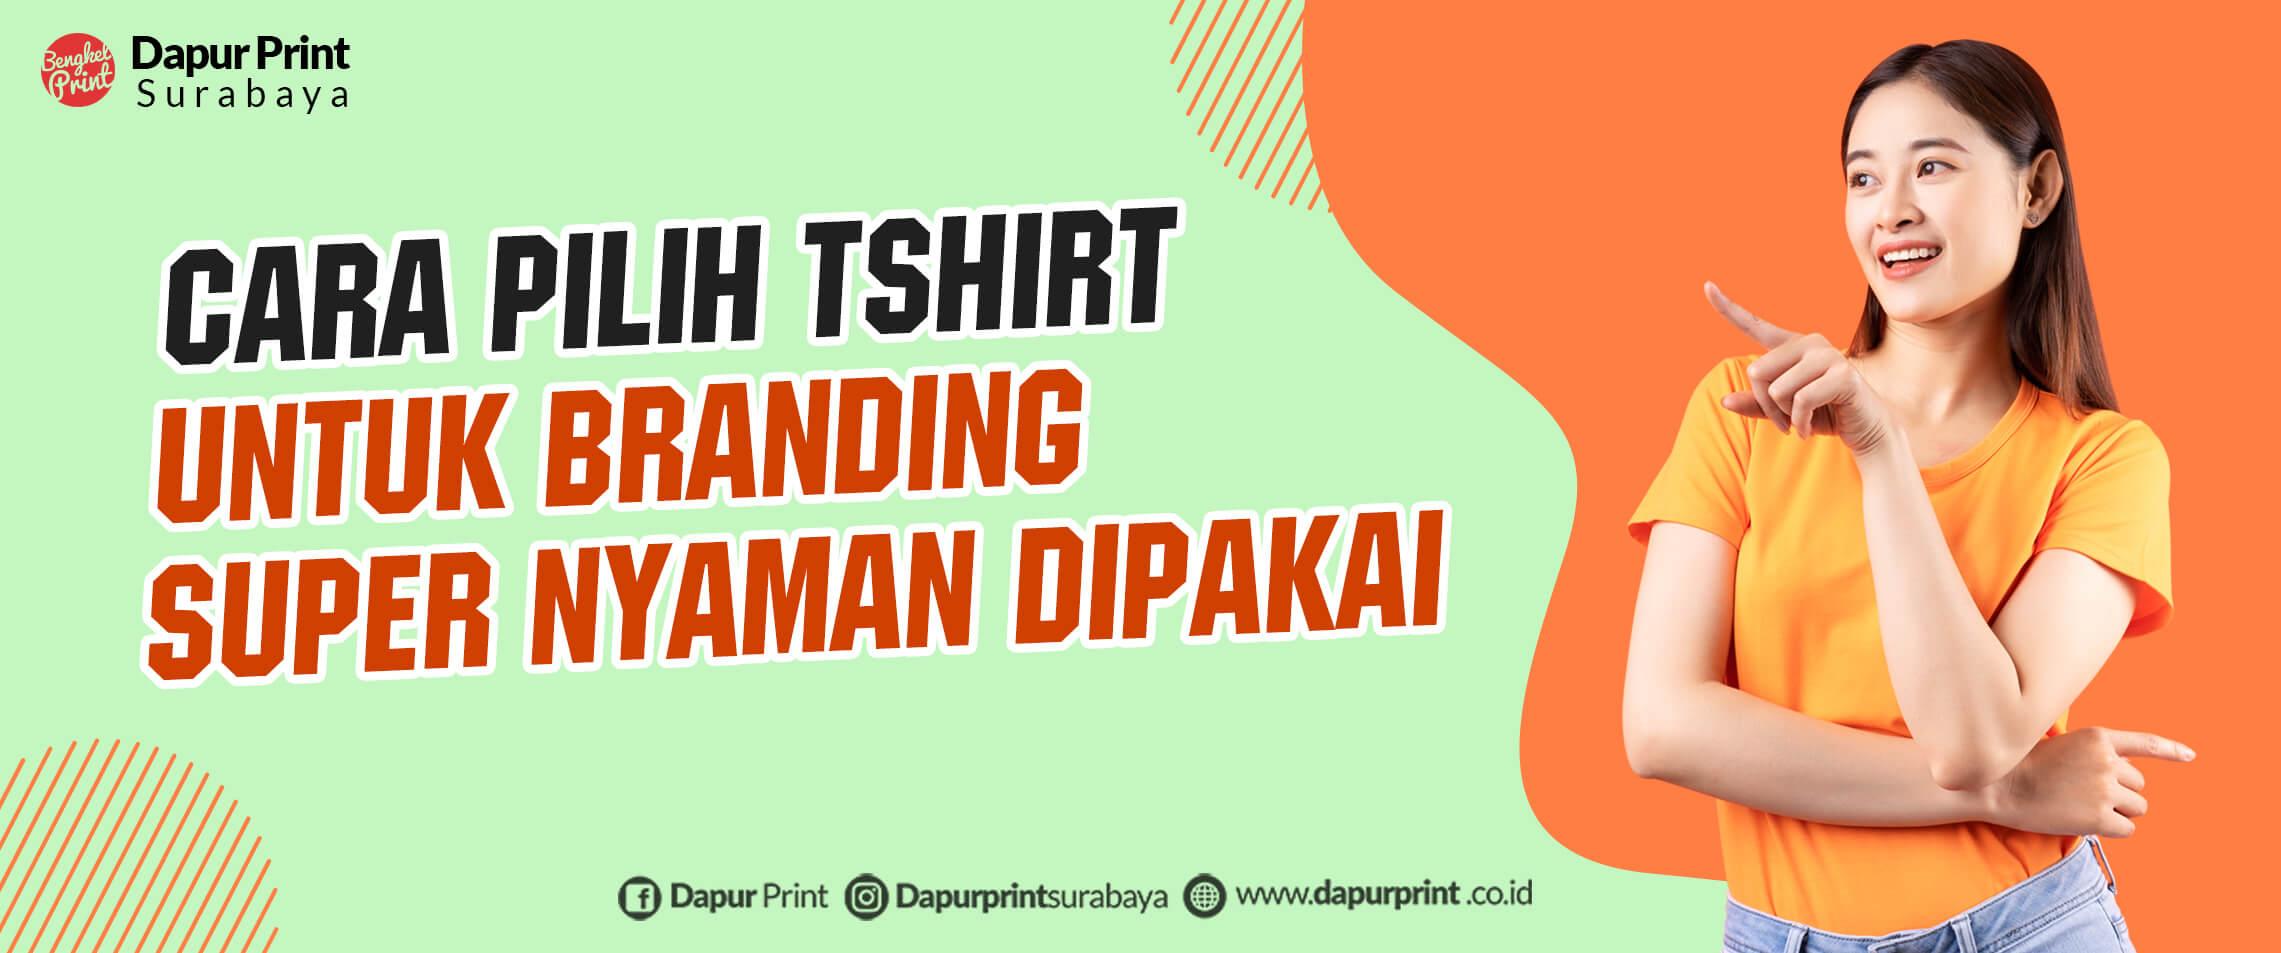 3 Tips Memilih Kaos Yang Cocok Untuk Promosi Bisnis